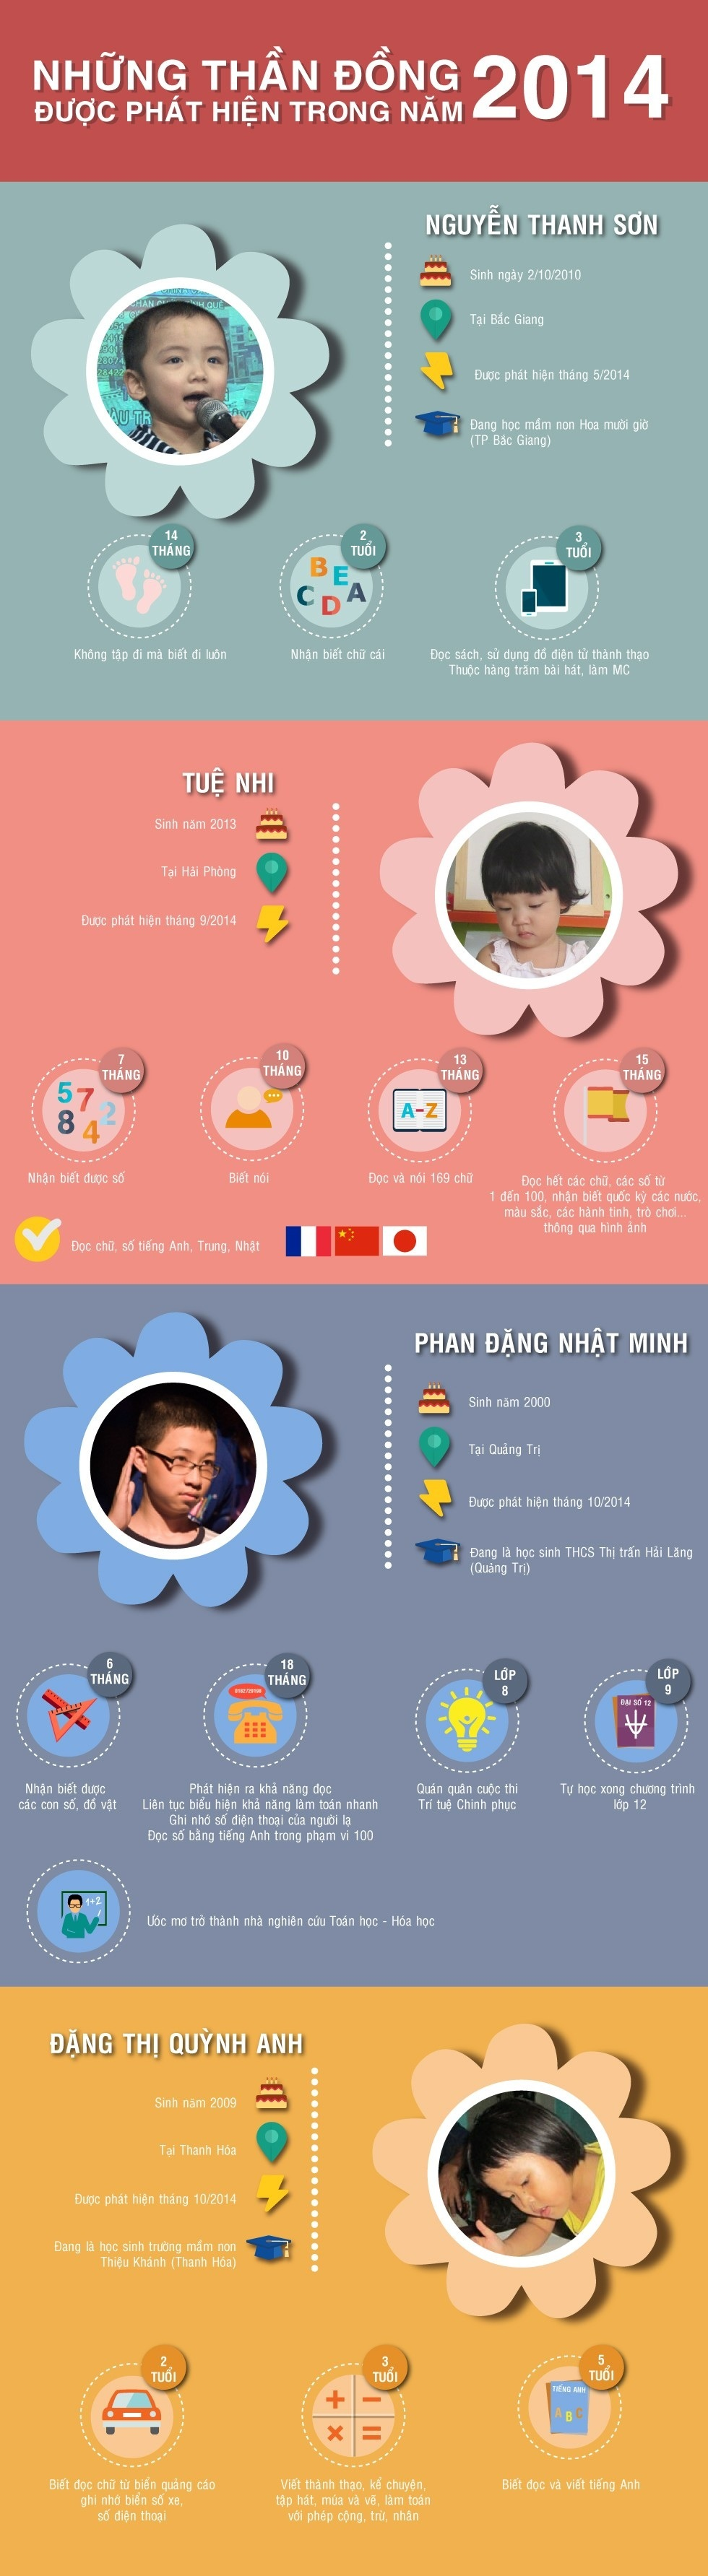 Infographic - Thần Đồng Việt Nam 2014